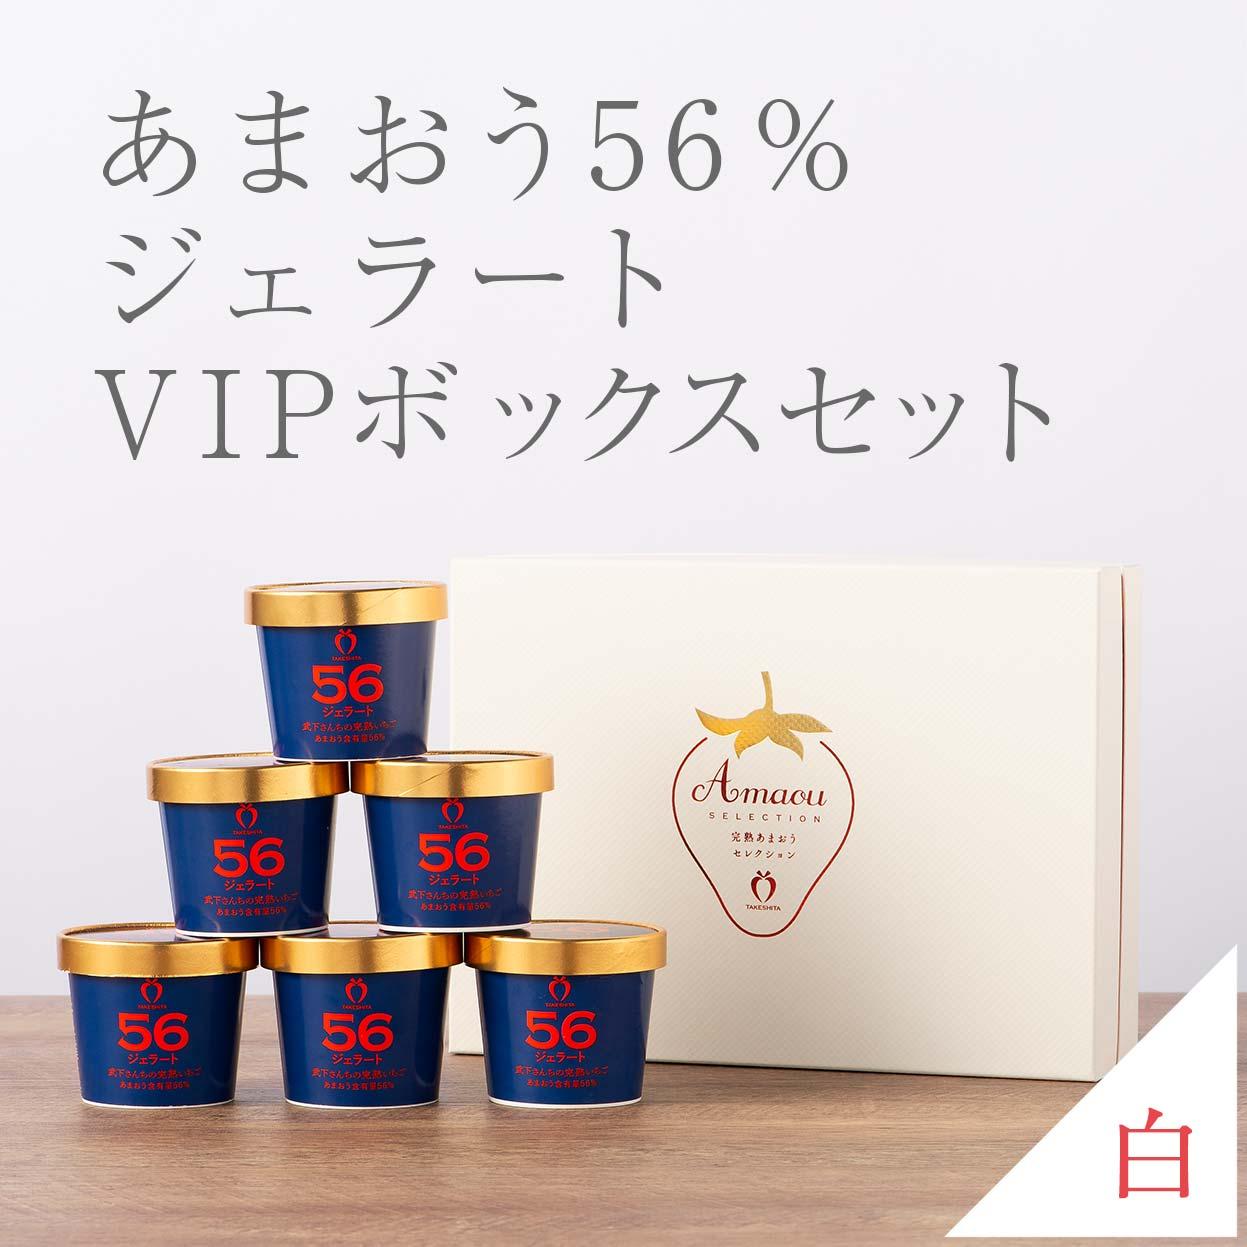 vipboxシリーズ(白)ジェラート56% 6カップ